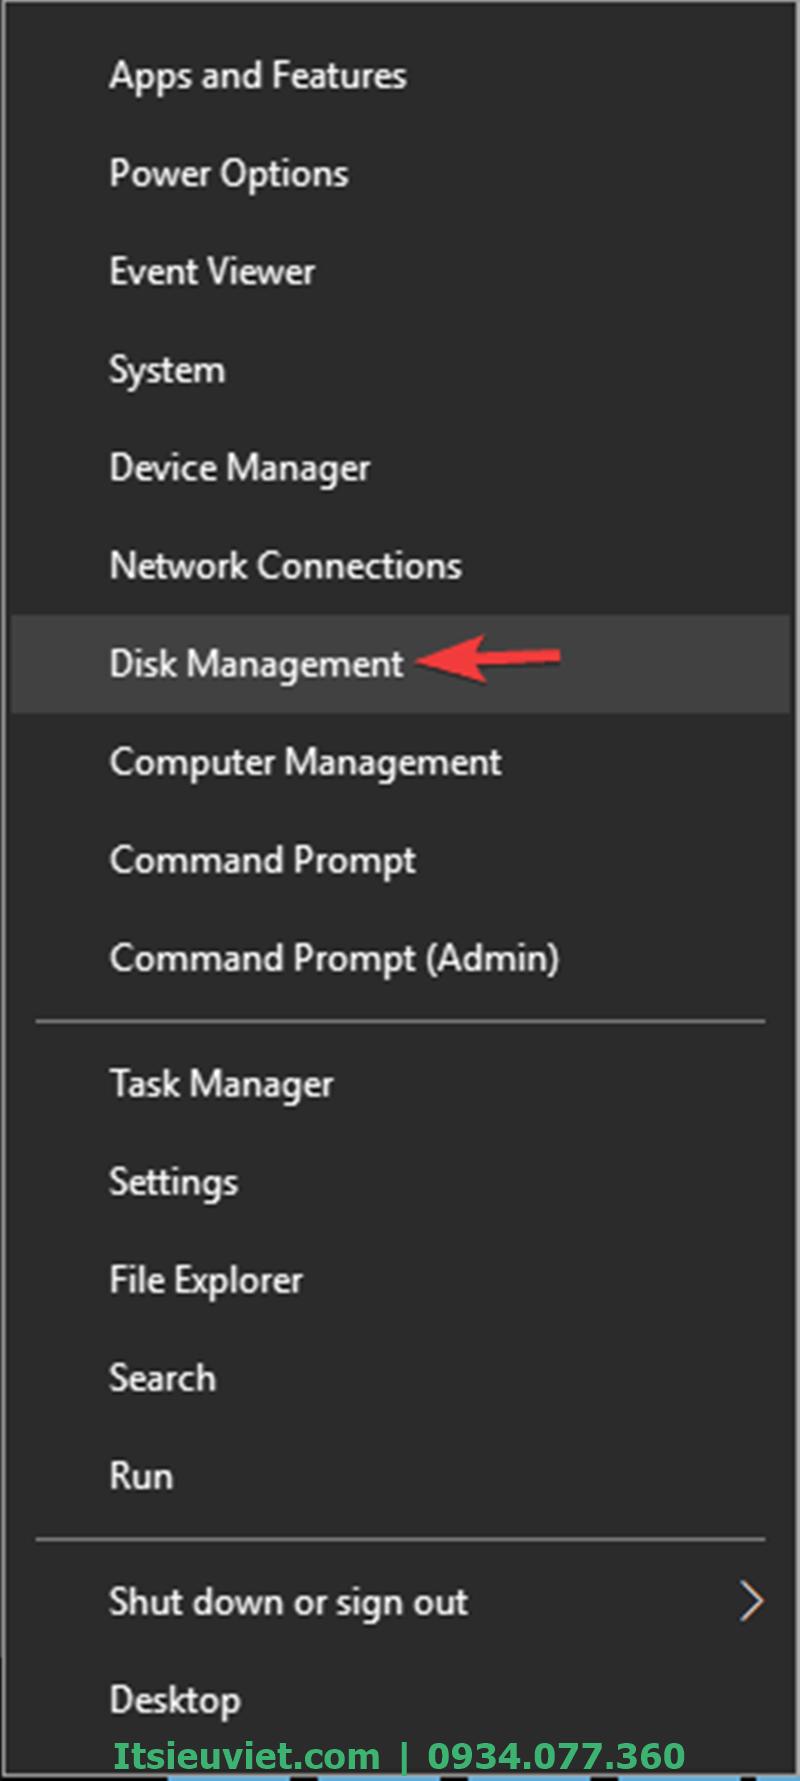 Chọn Disk Management để truy cập ổ cứng